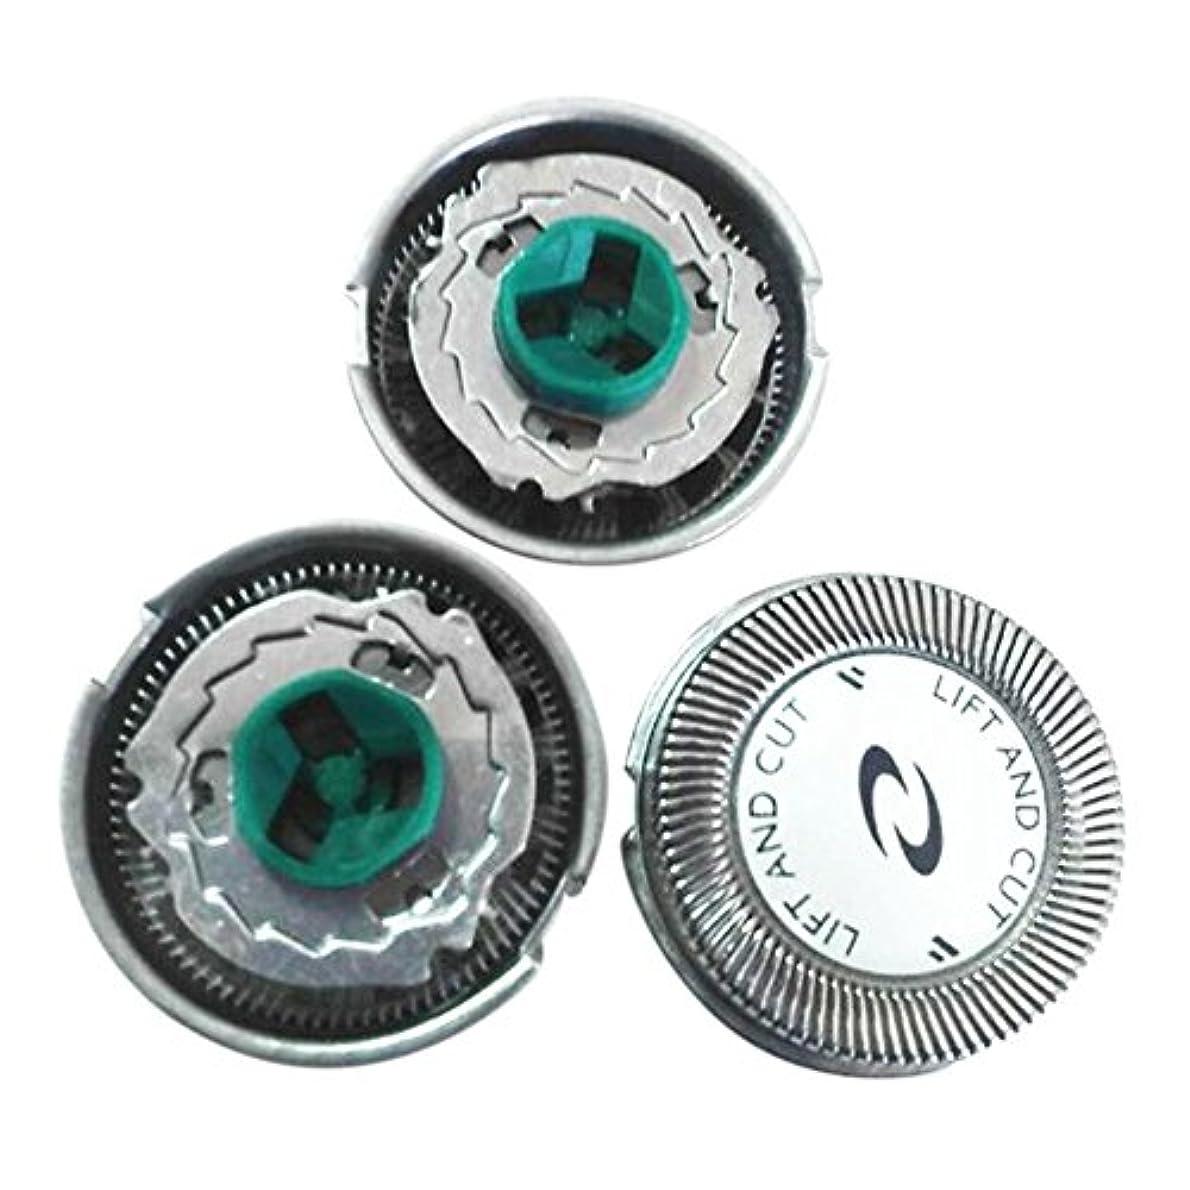 ぬいぐるみ自我オーバーコートHZjundasi 3x Replacement シェーバーヘッドフォイル+Cutters for Philip HQ5705/5710 PT720 AT750